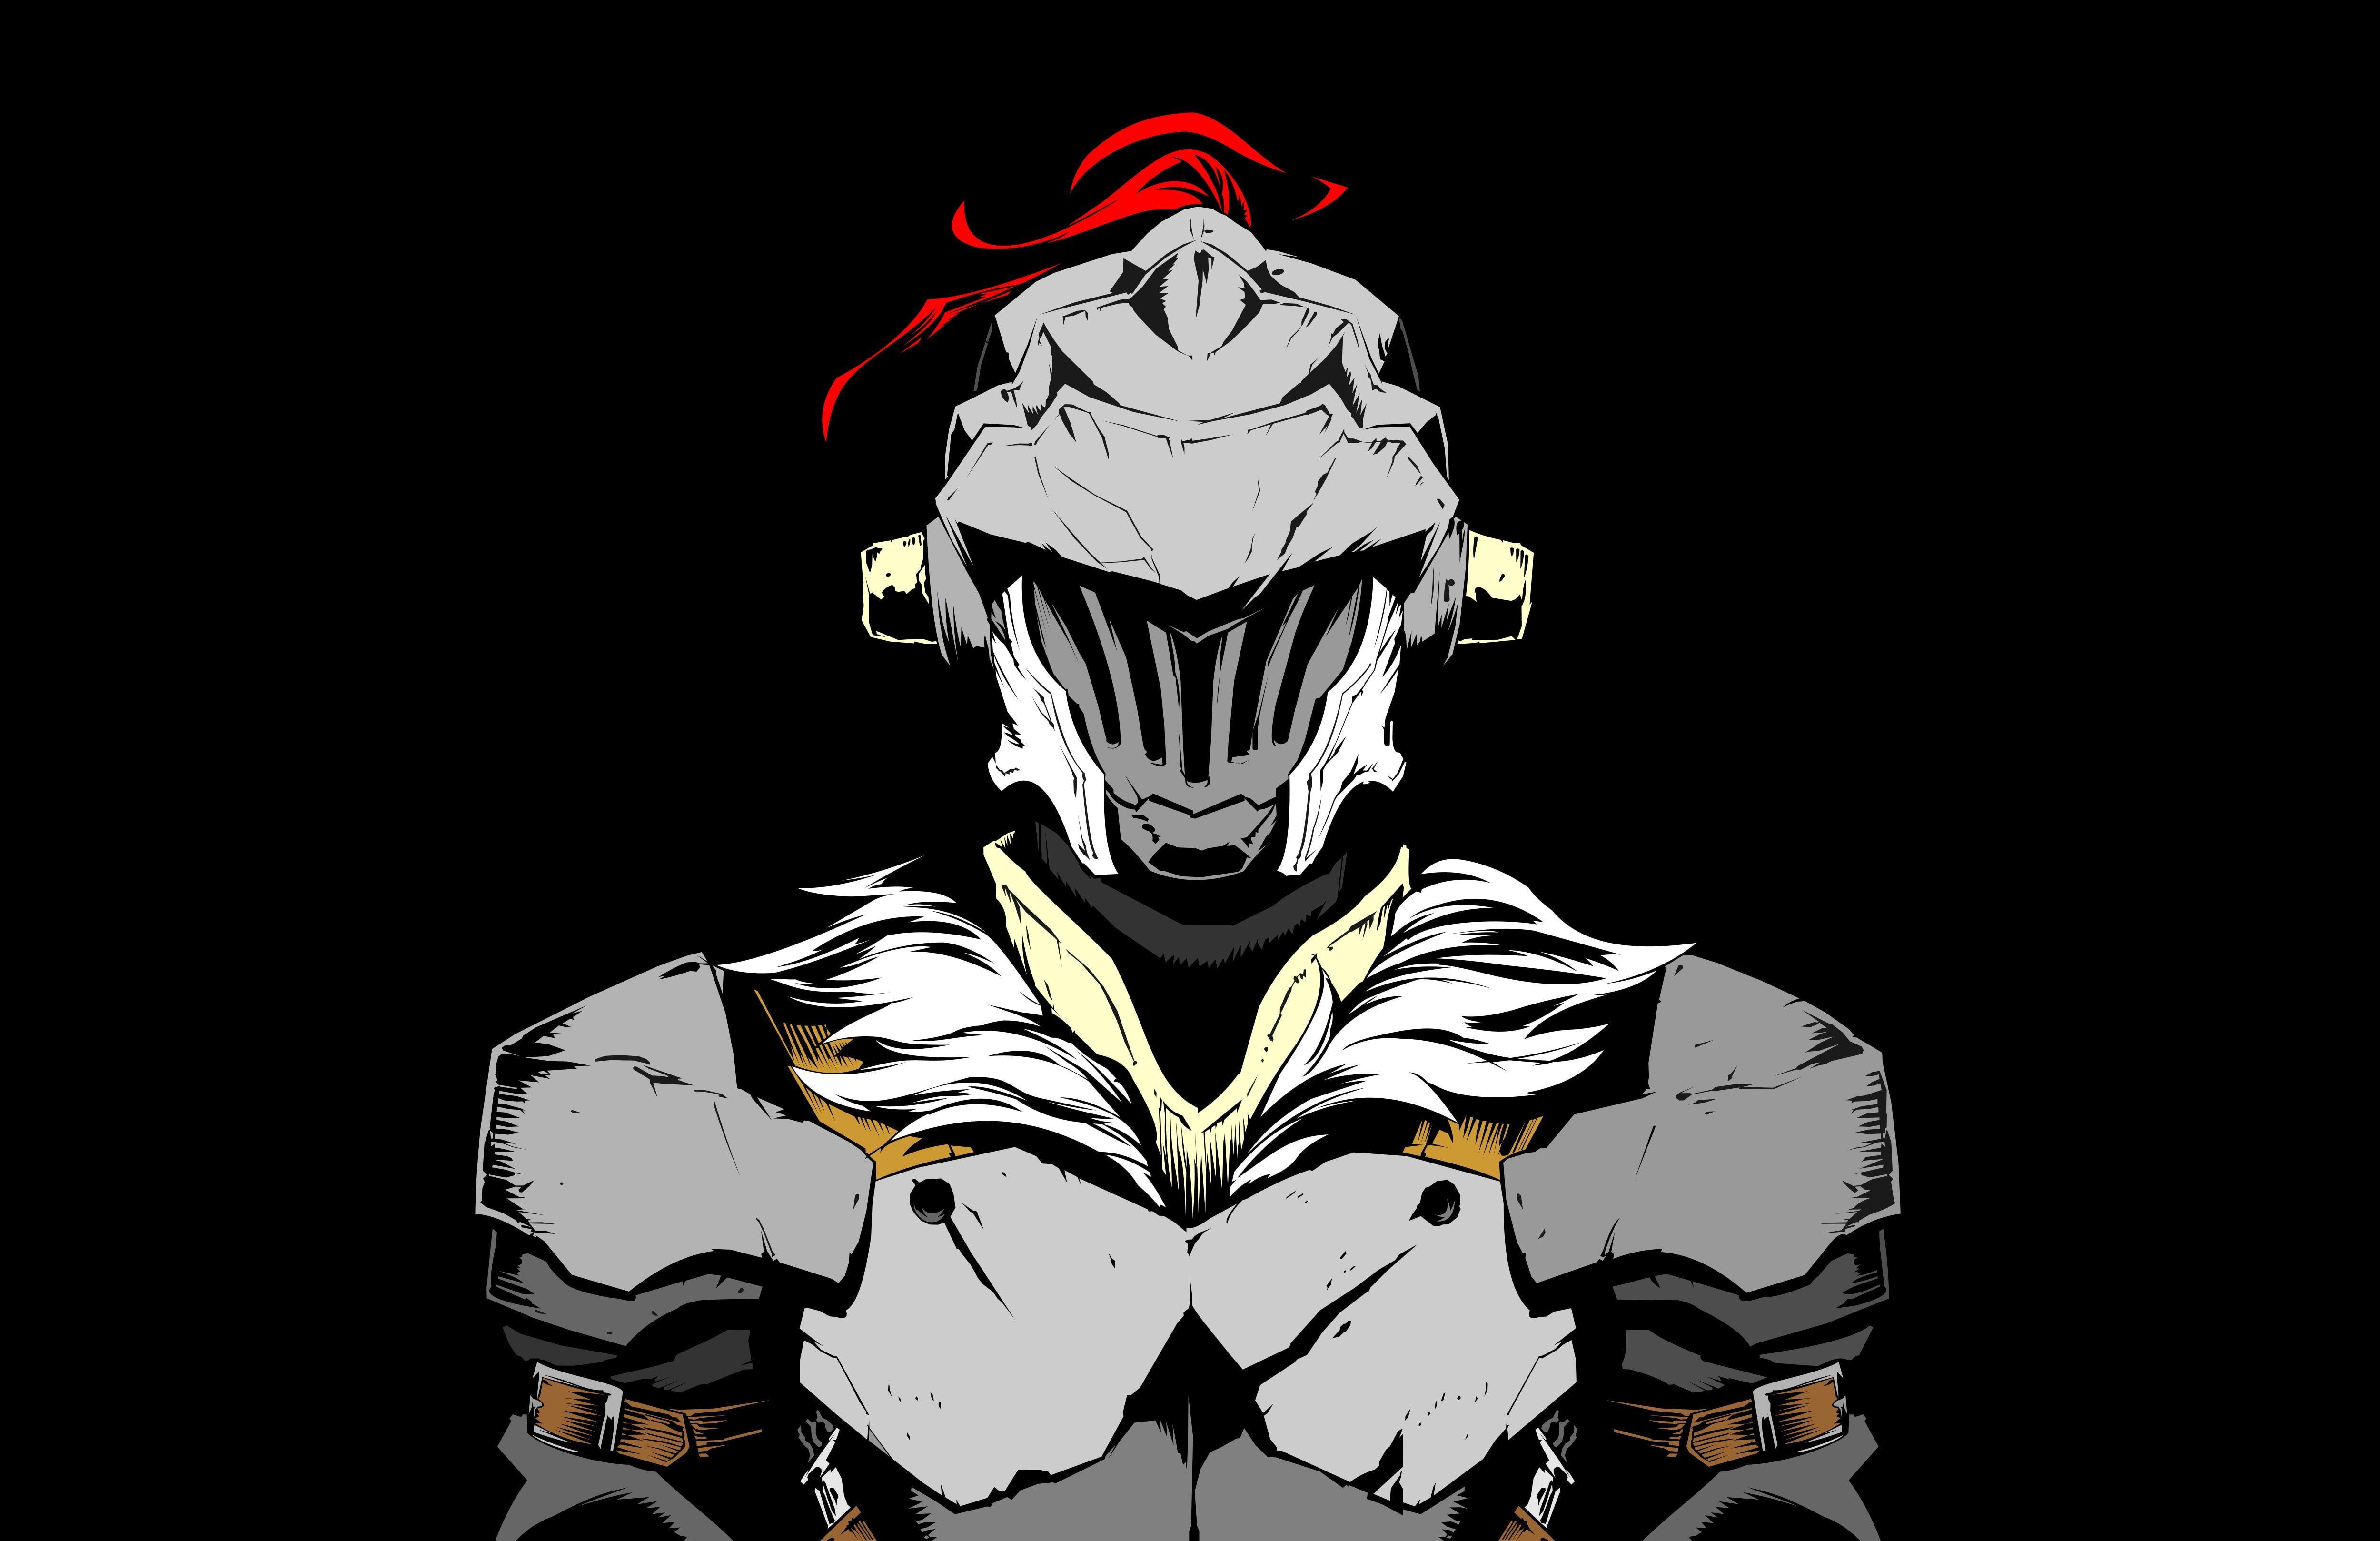 Anime Goblin Slayer 4k Wallpaper Hdwallpaper Desktop In 2020 Goblin Anime Slayer